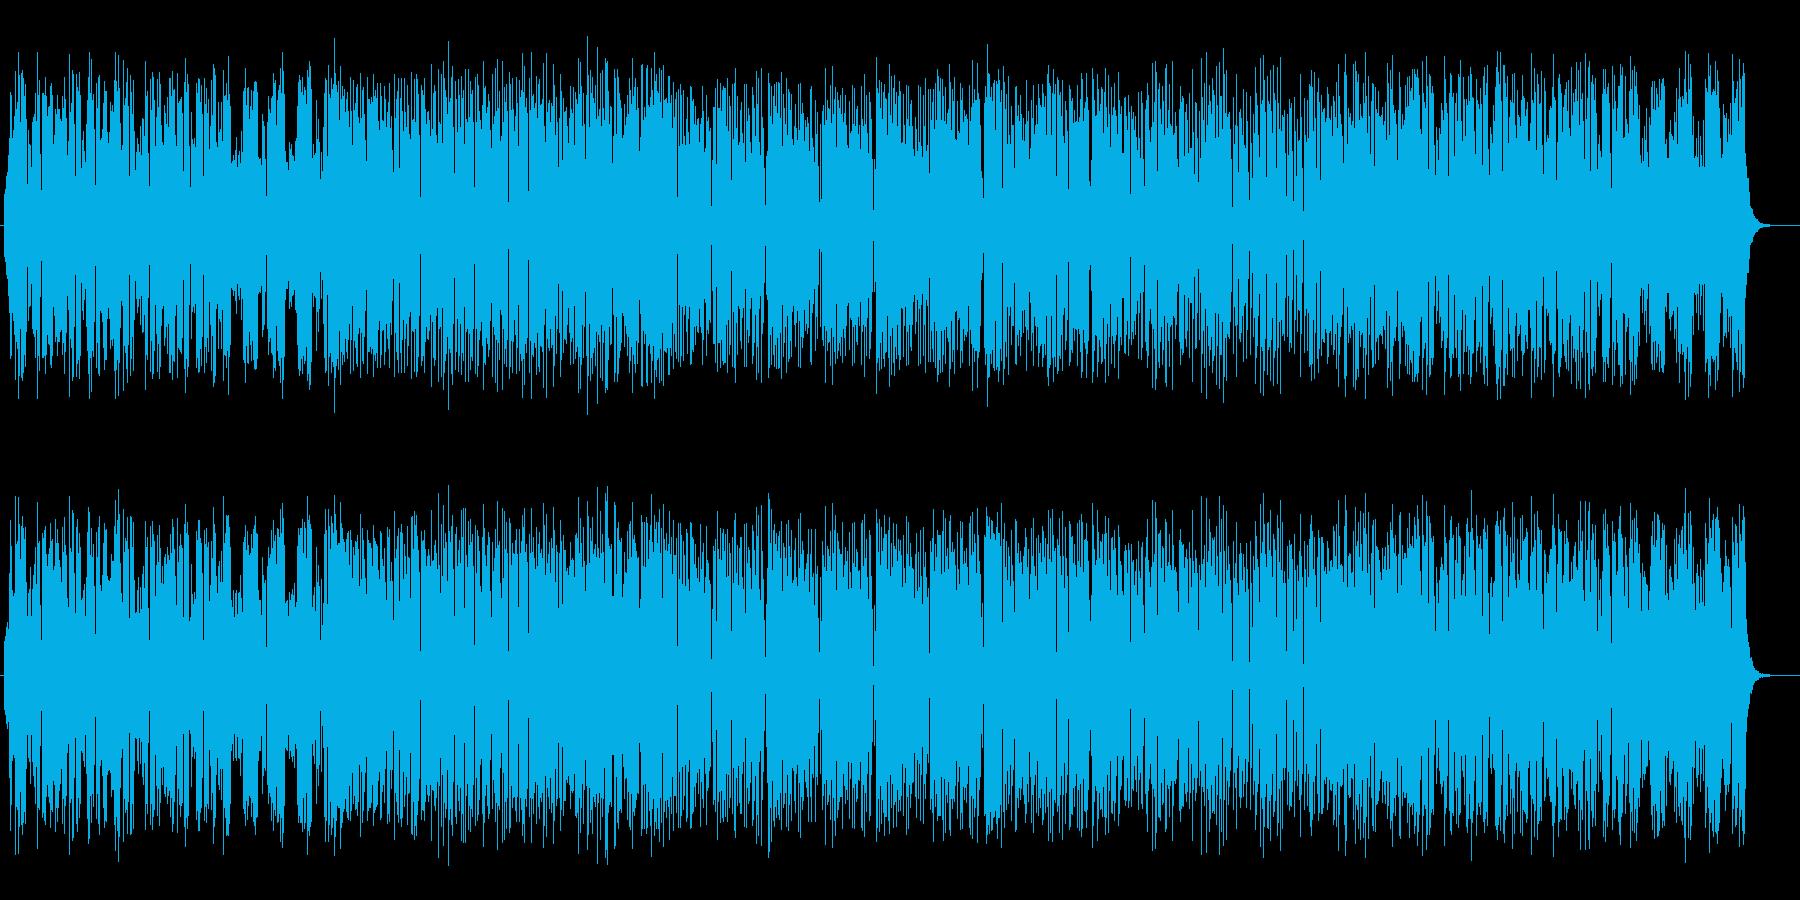 元気なメロディが明るいポップスの再生済みの波形